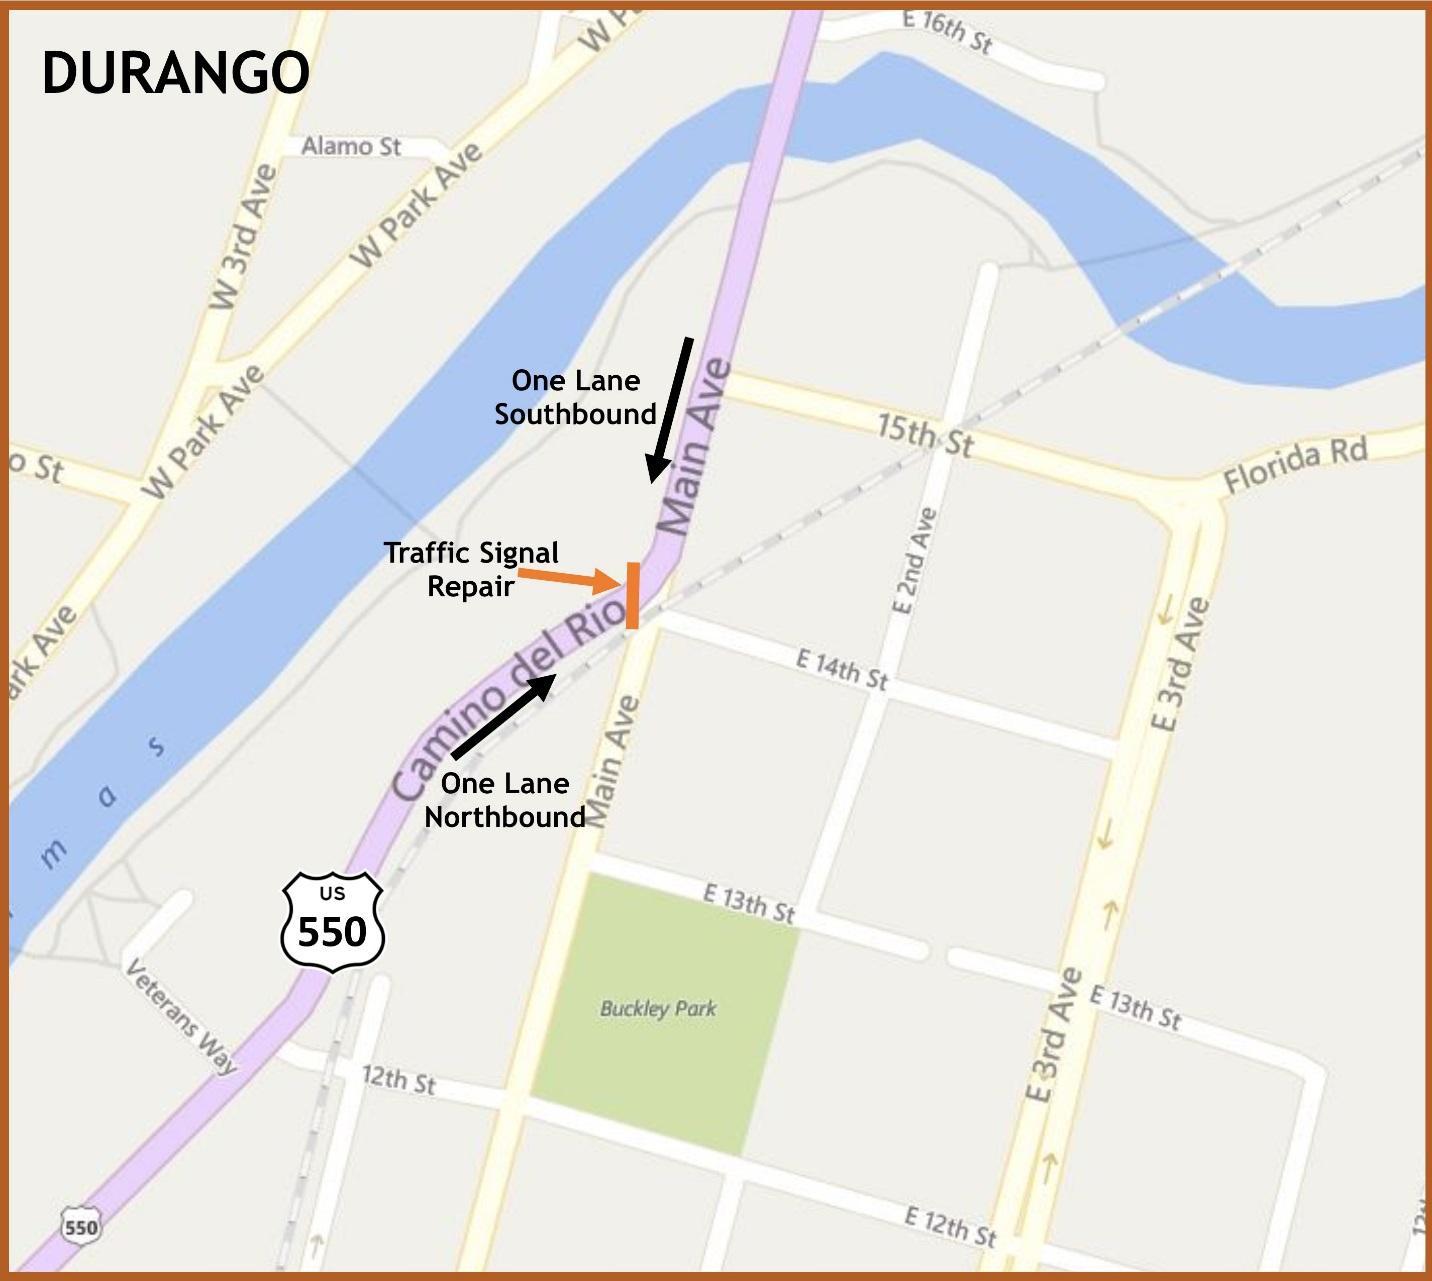 US 550 closures detour